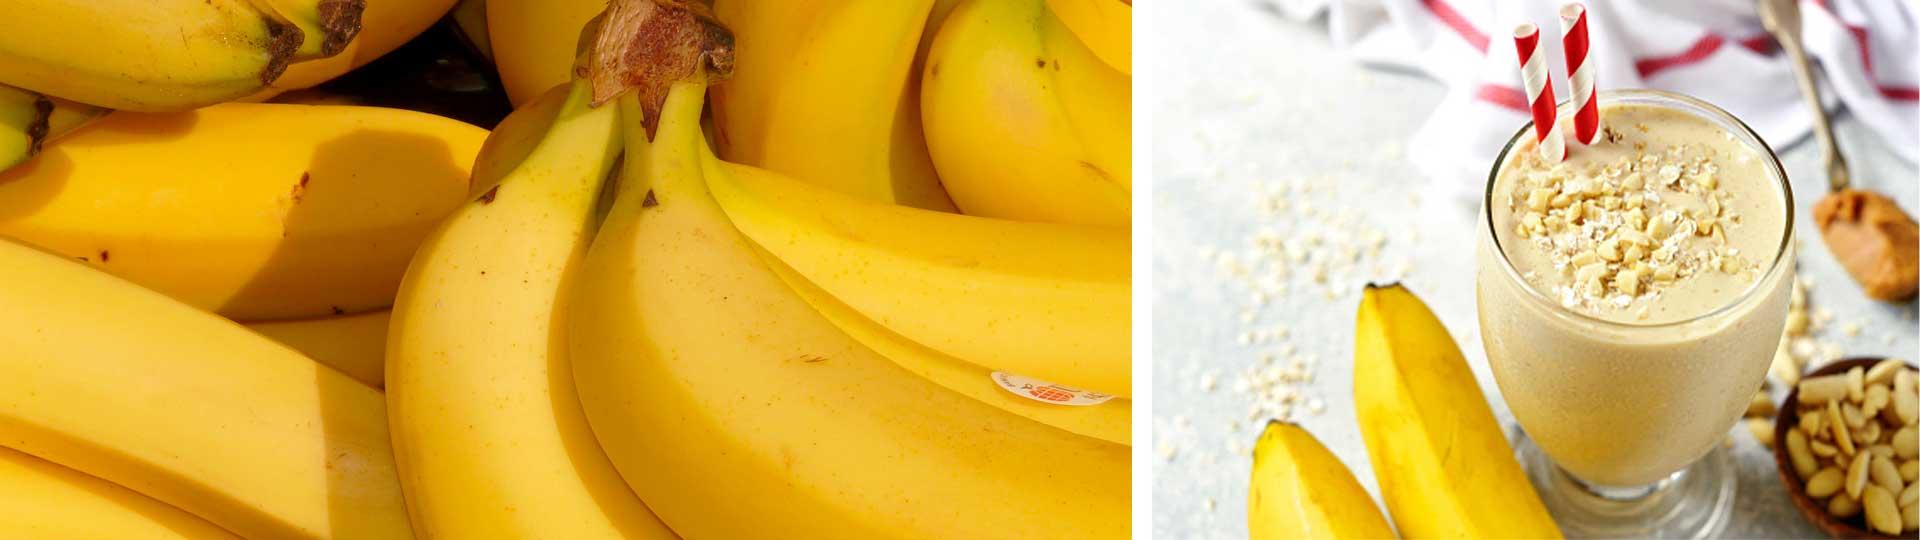 Колаж от две изображения със снимки на банани и бананов шейк с прясно мляко